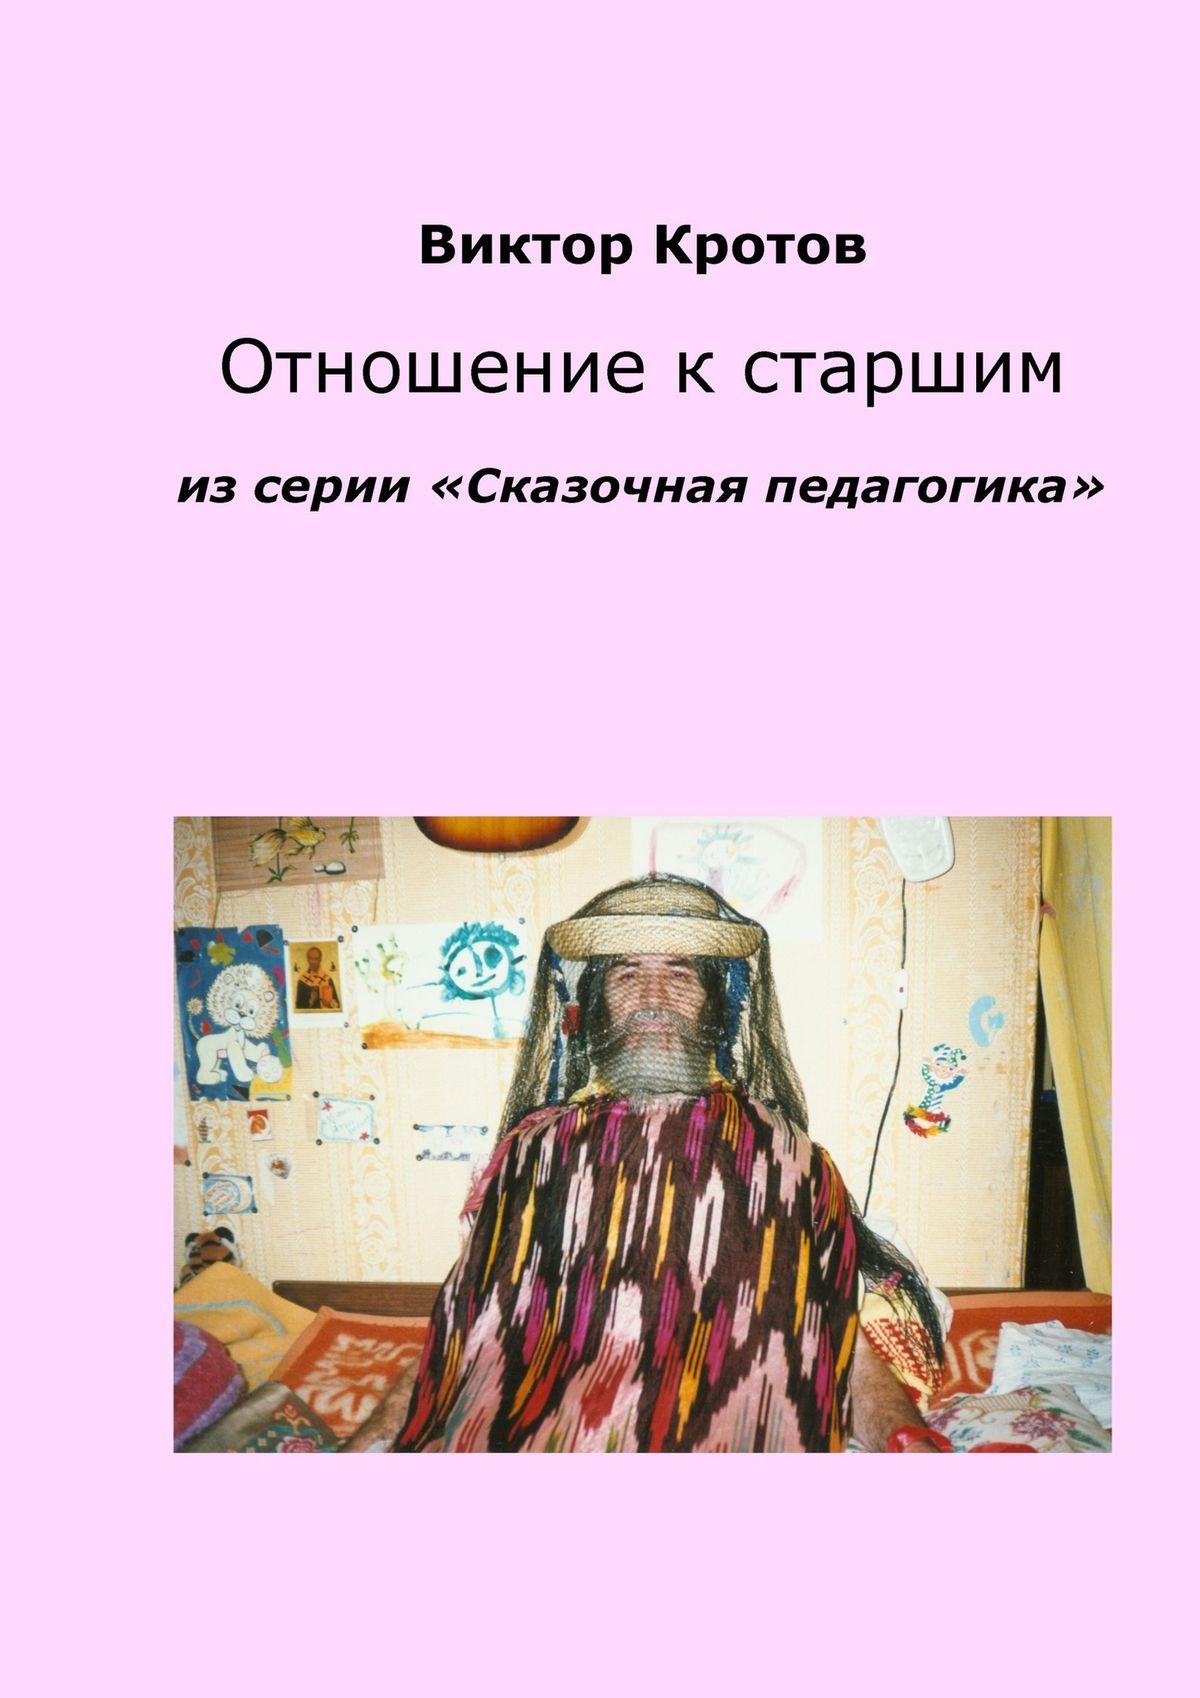 Виктор Кротов Отношение к старшим. Из серии «Сказочная педагогика» цены